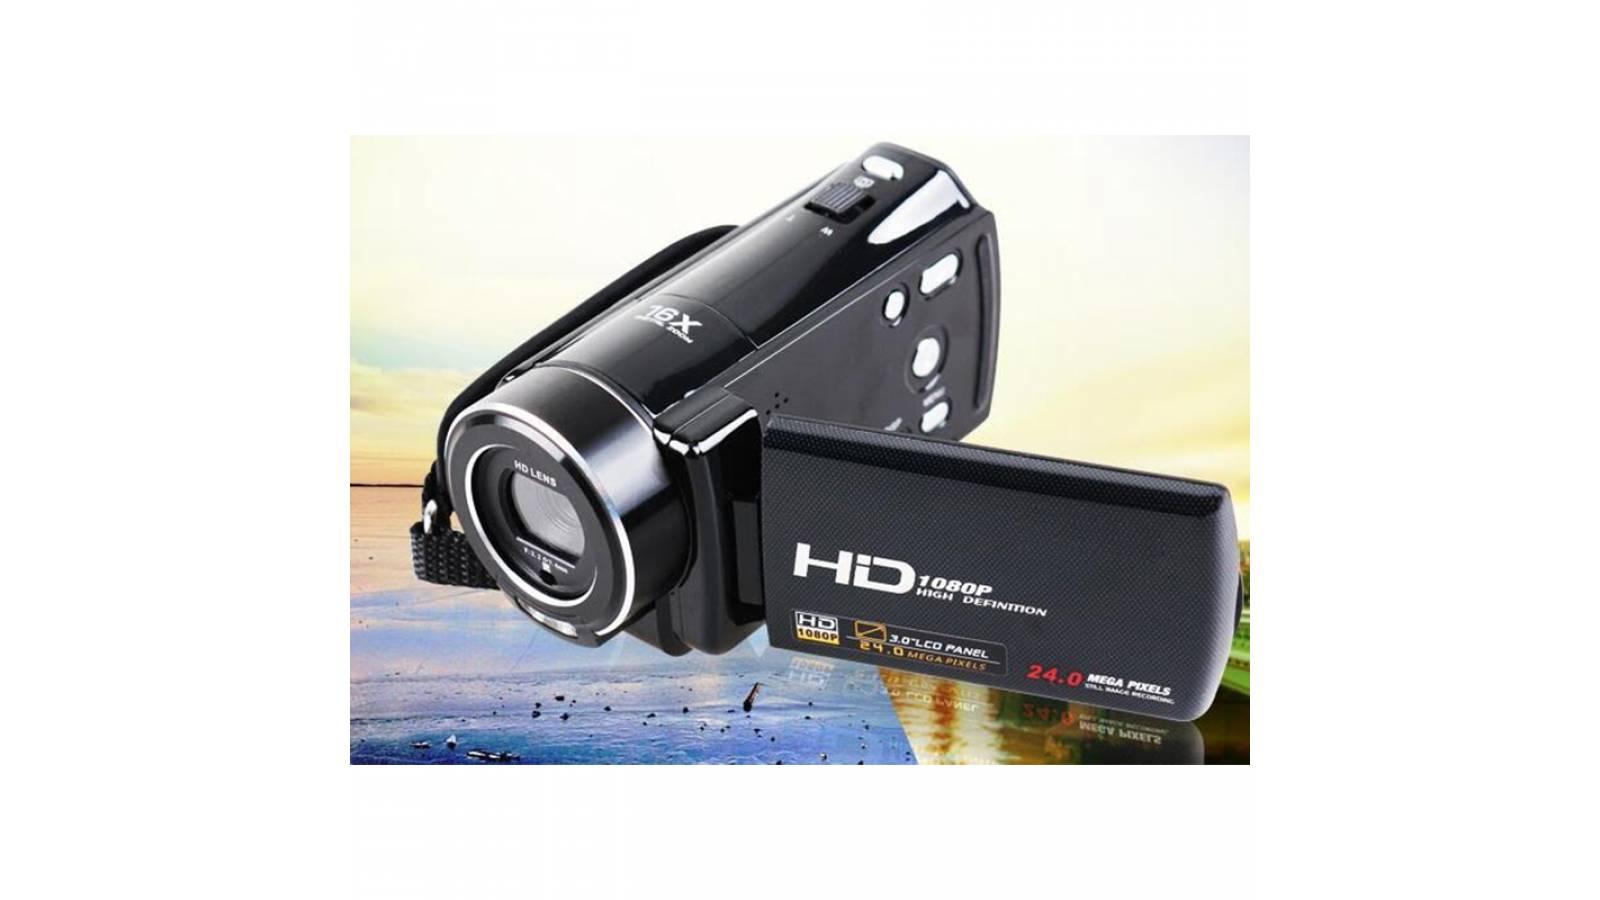 Cámara Filmadora Digital 24Mpx + Ctrl Remoto Zoom x16